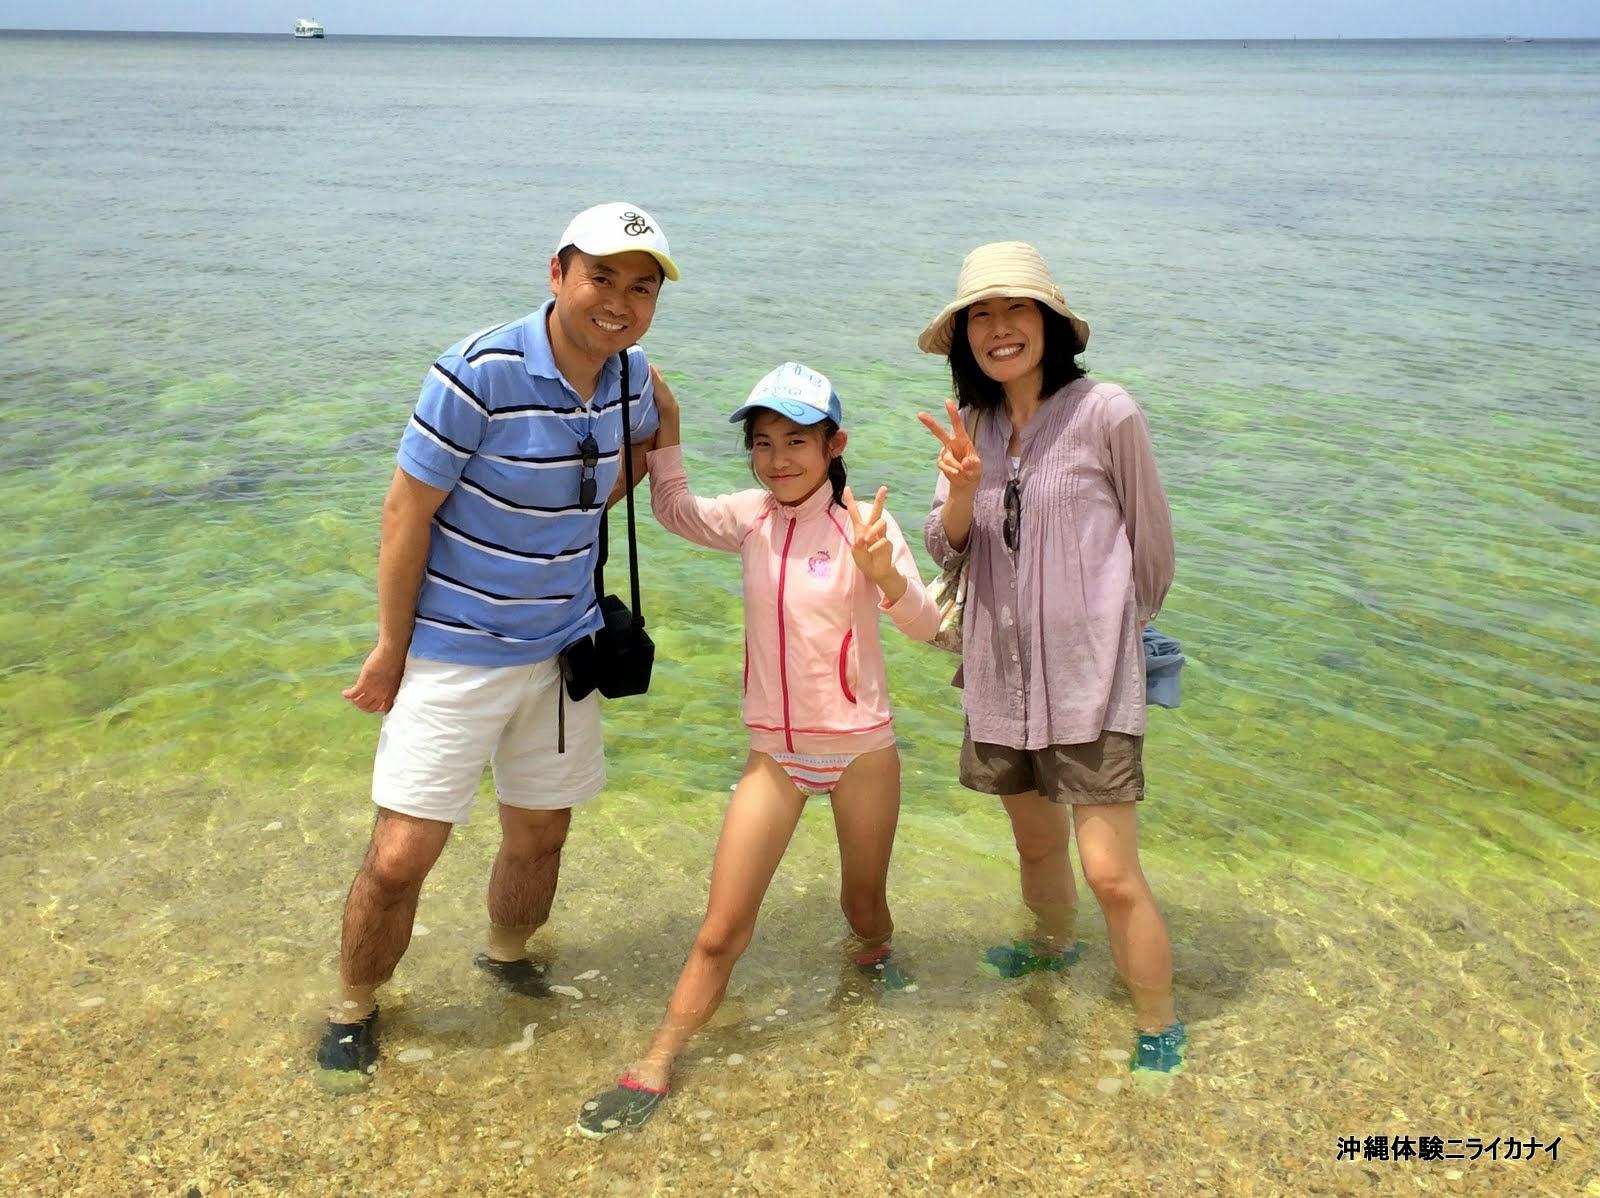 体験/観光 ビーチ 生き物観察